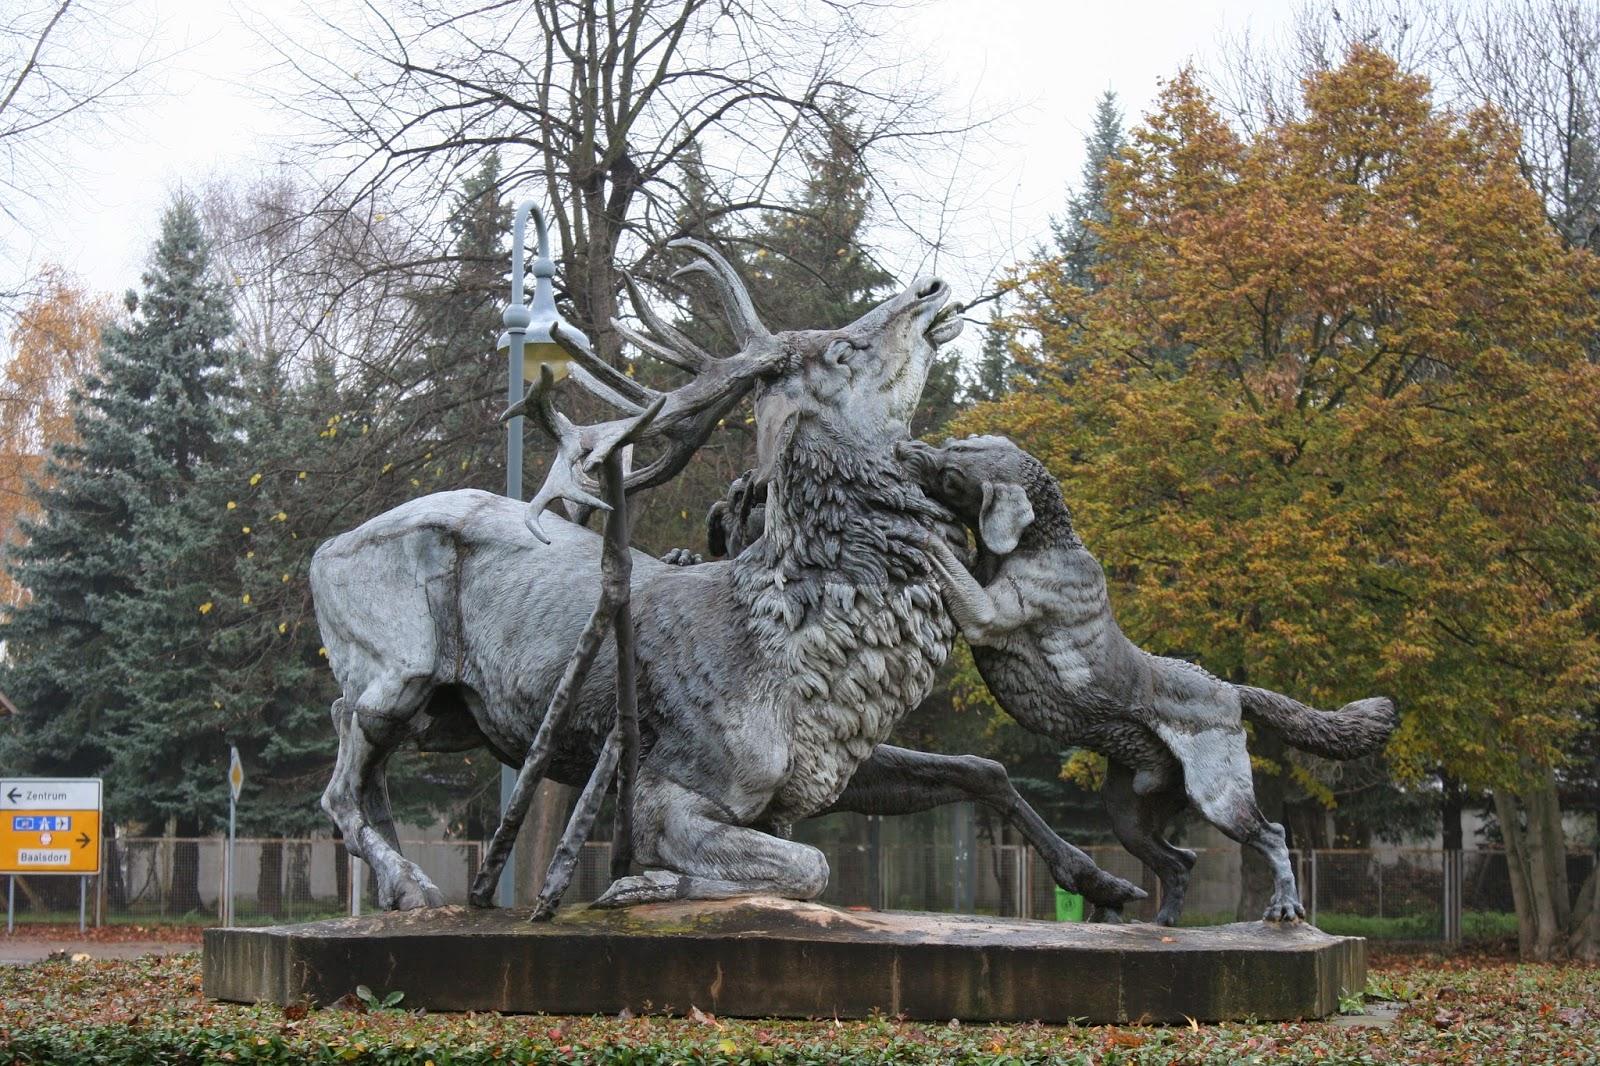 Der Mythos der Hirschplastik besagt, daß Diana (die Göttin der Jagd), den Jäger Akteon als Strafe in einen Hirsch verwandelt und von seinen eigenen Hunden zu Tode gehetzt wird